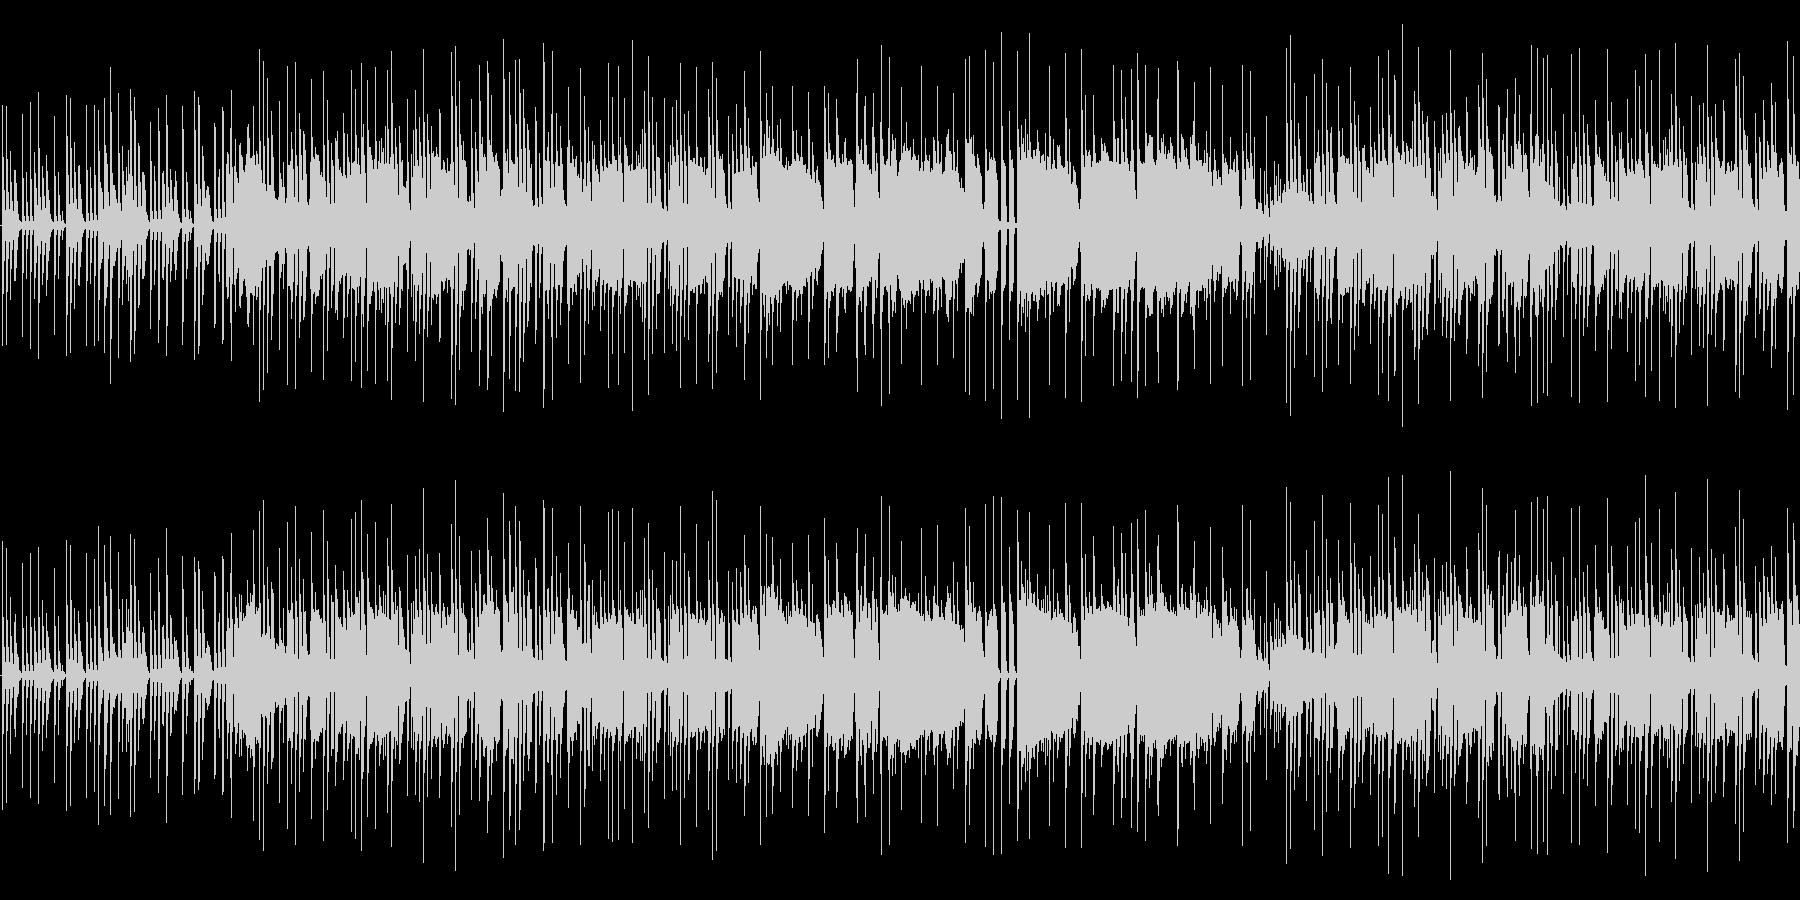 ピアノとオルガンのミドルテンポのポップスの未再生の波形